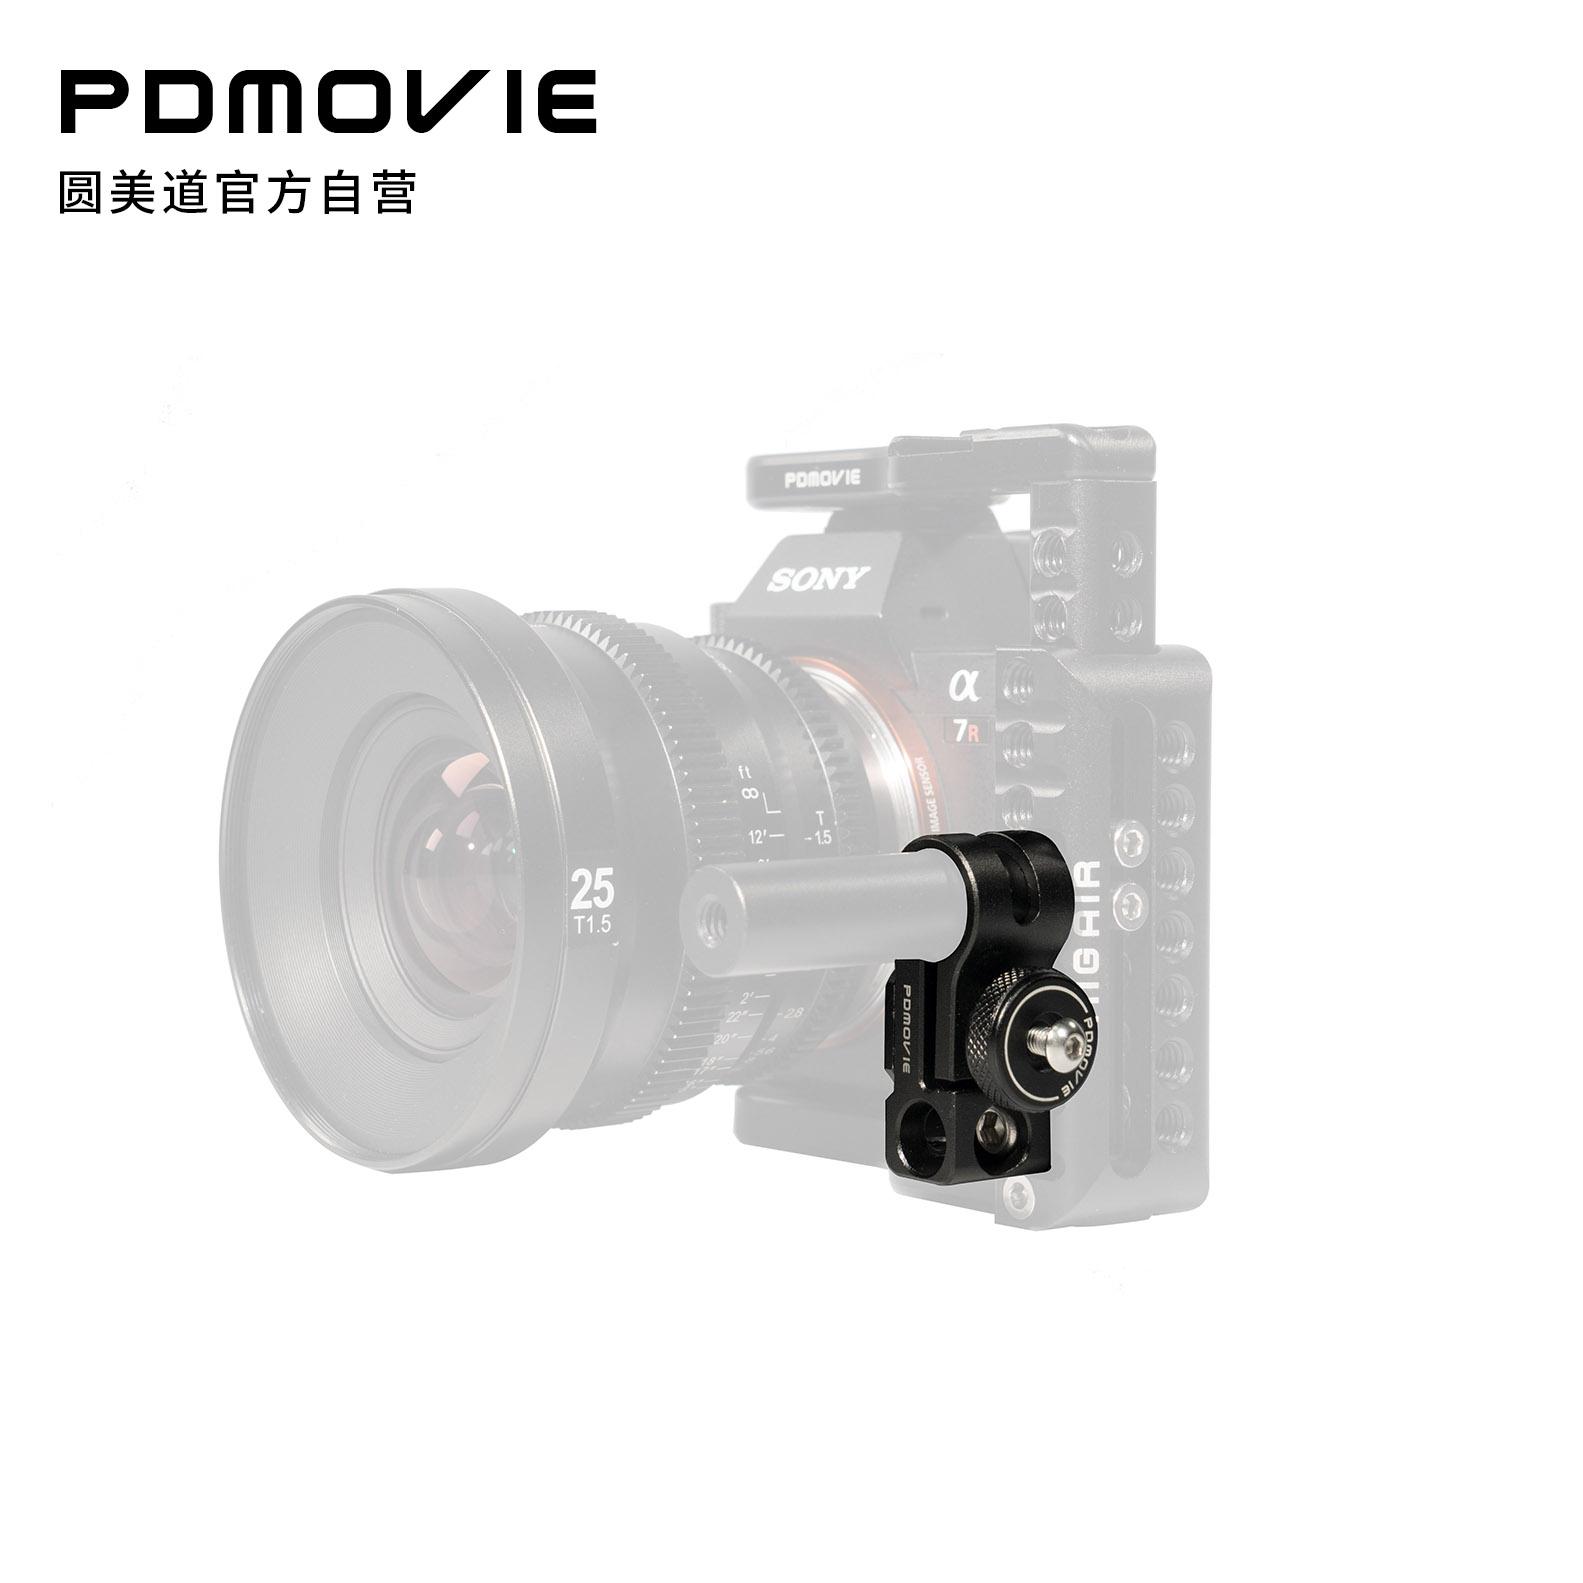 pdmovie-15mm-rod-hotshoe-clip-03.jpg